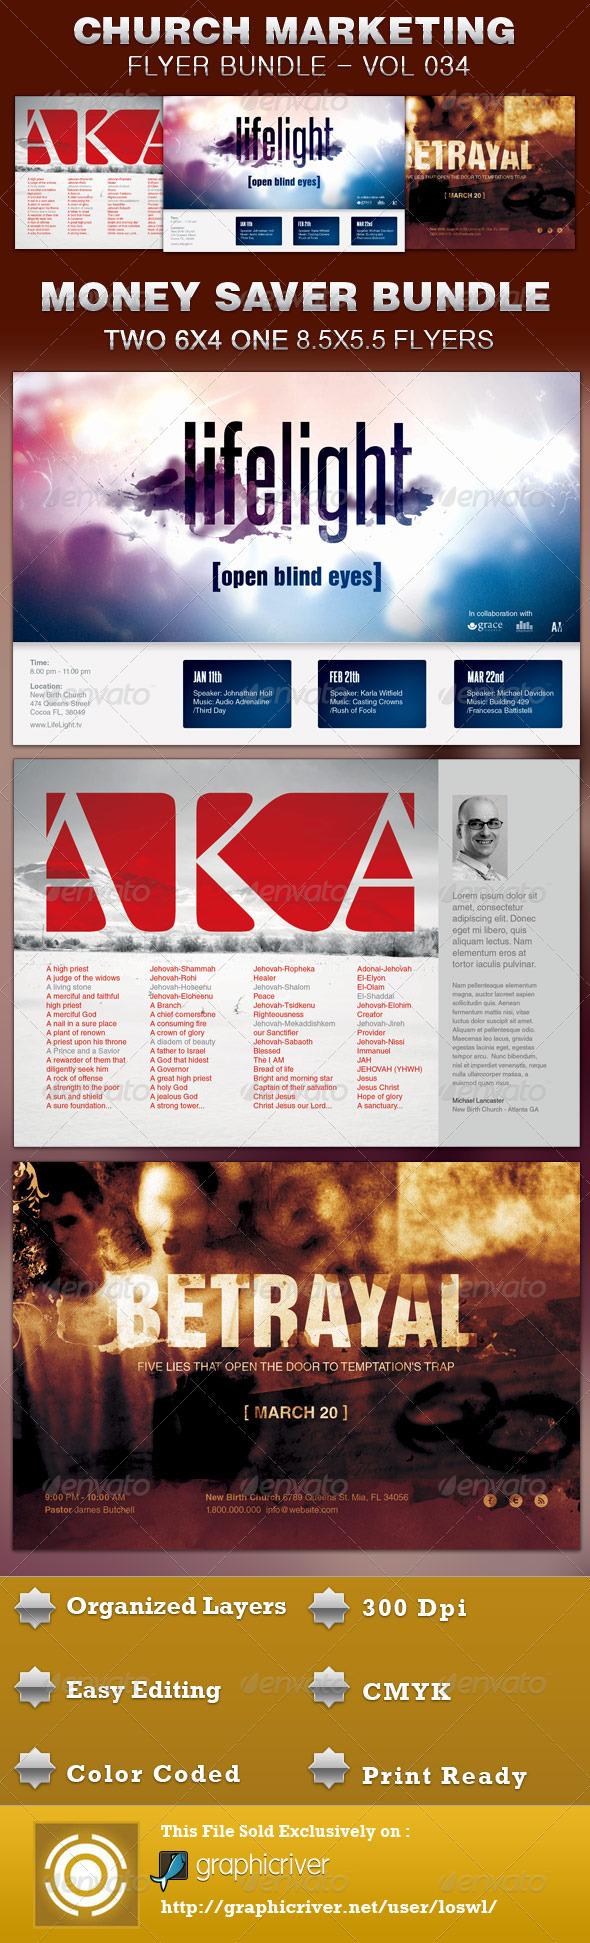 Church Marketing Flyer Bundle Vol 034 - Church Flyers